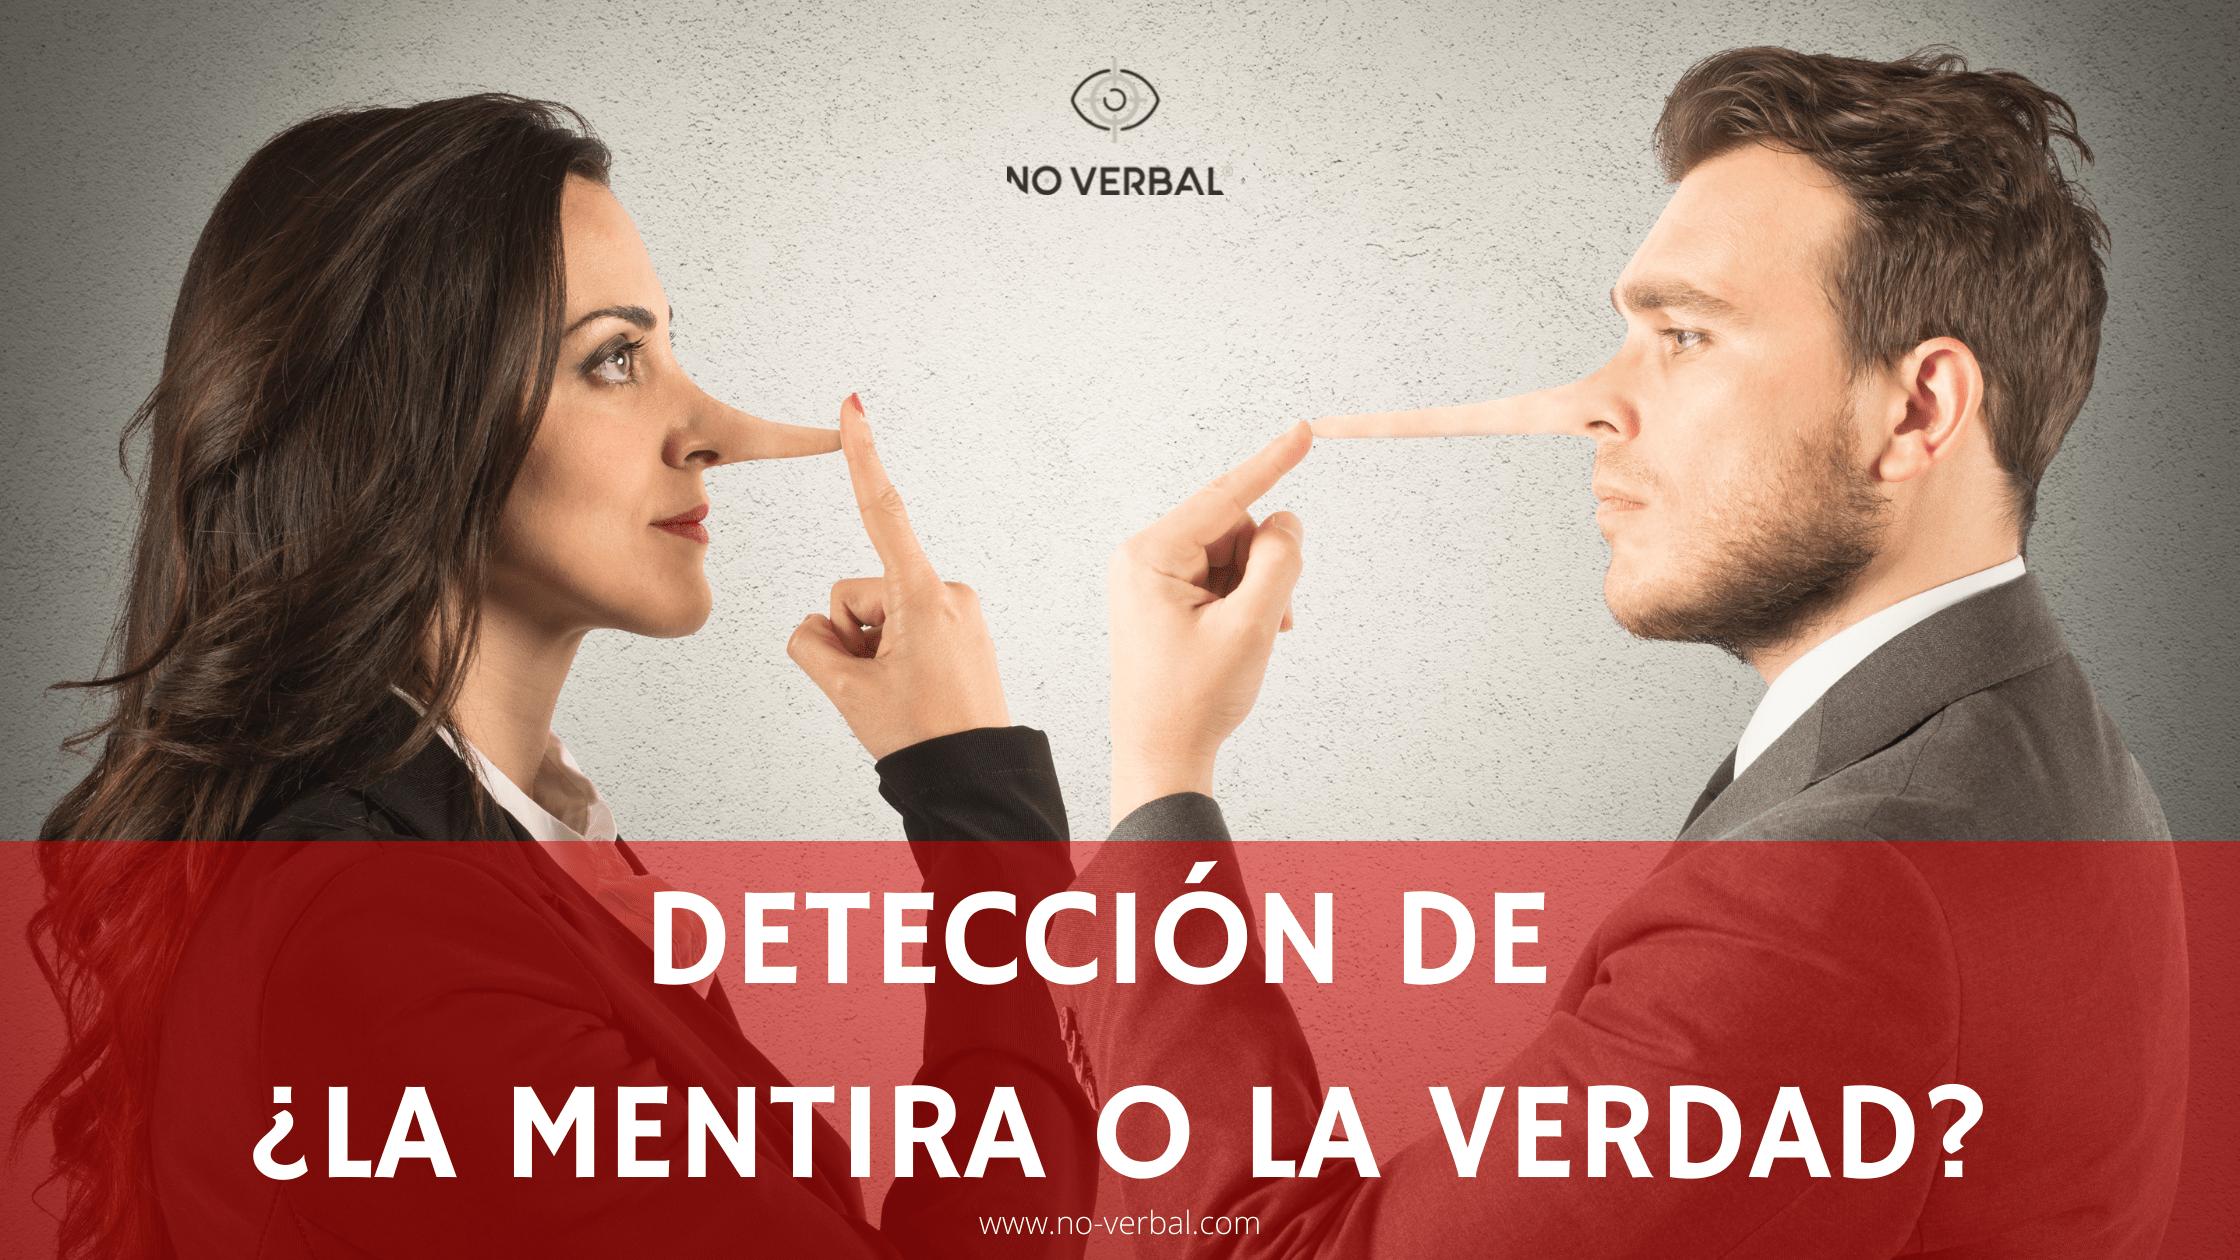 Detección de la mentira o la verdad